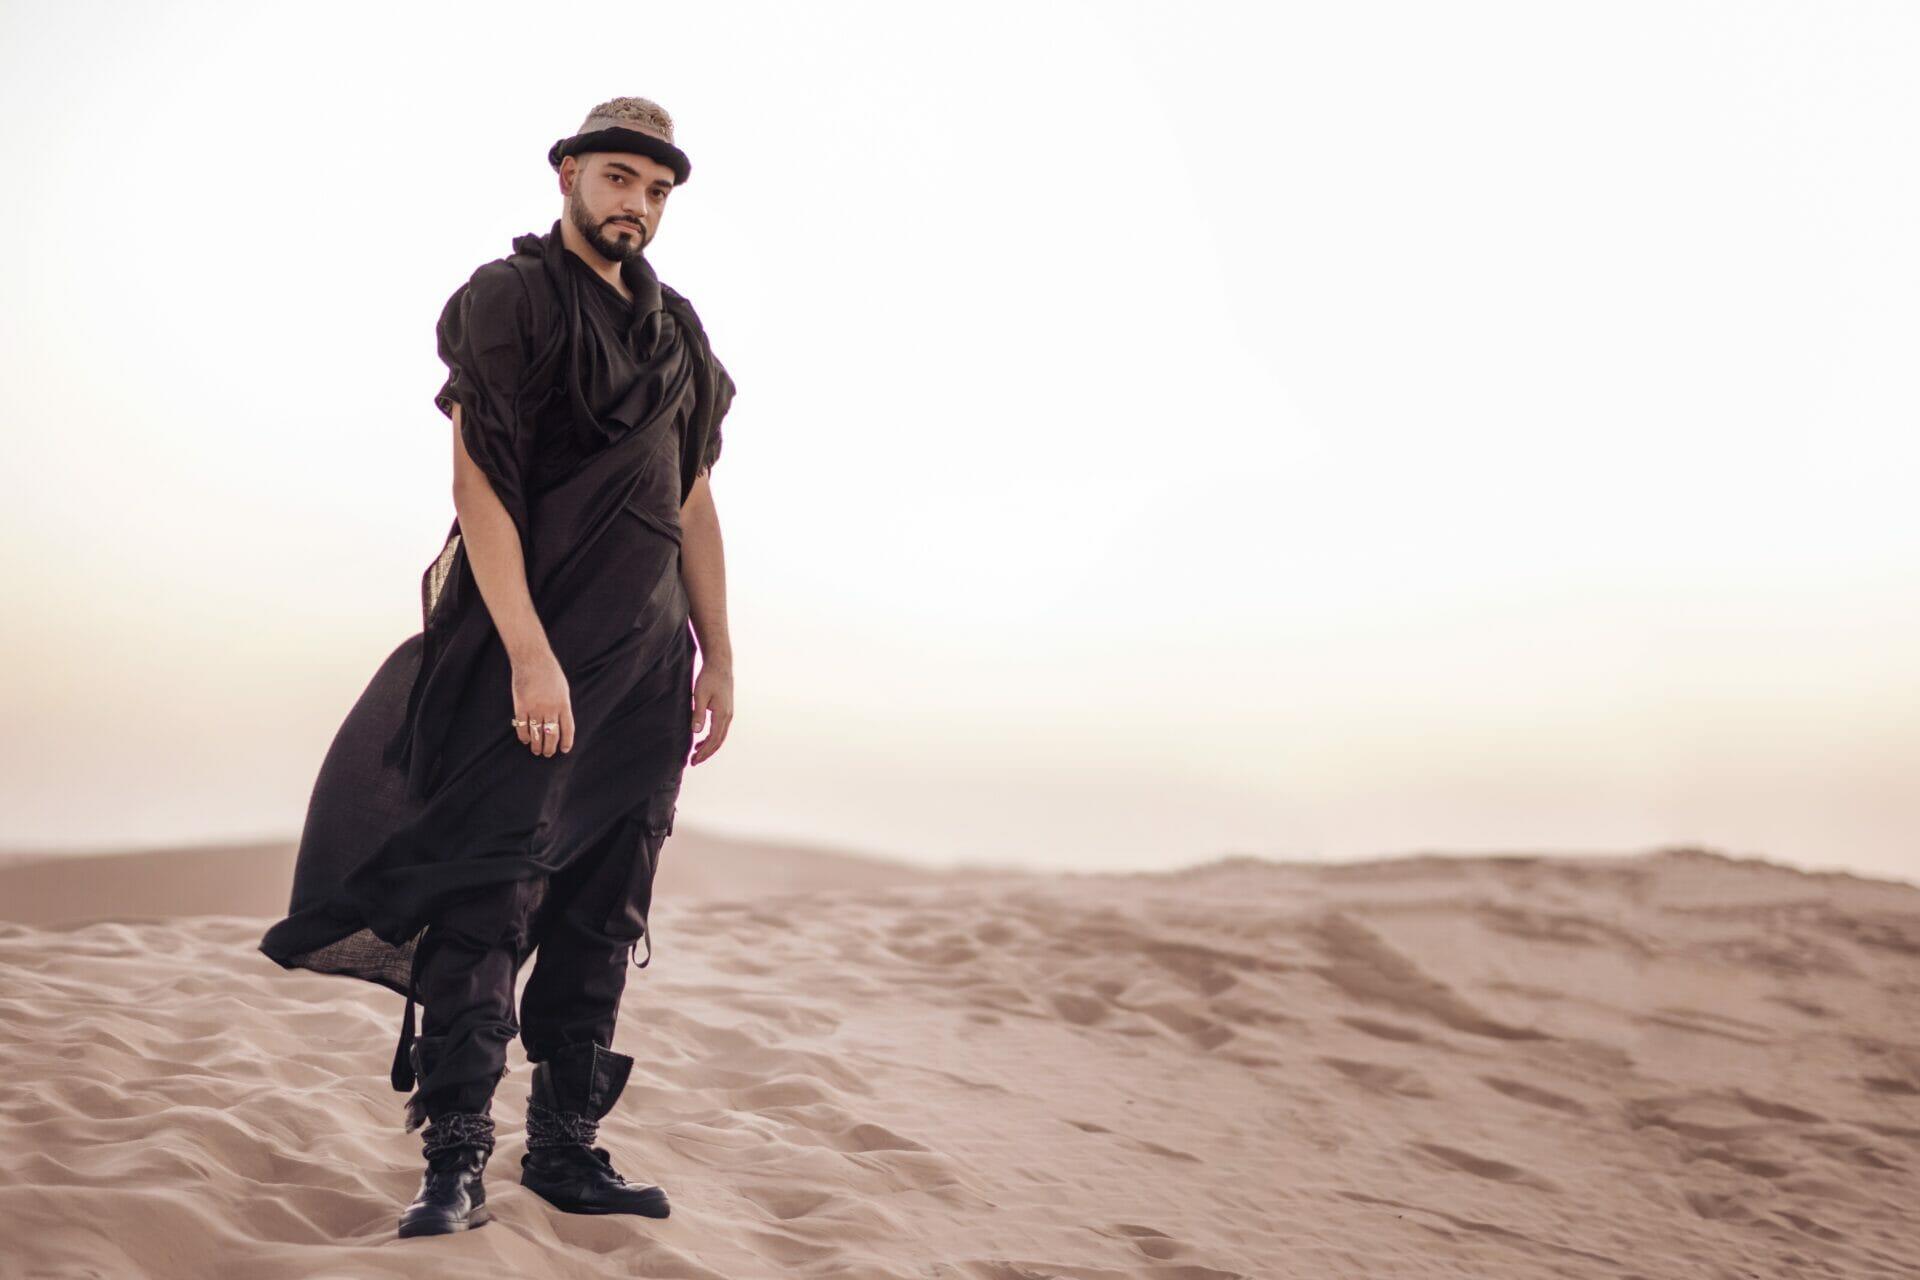 Mariano desert alone